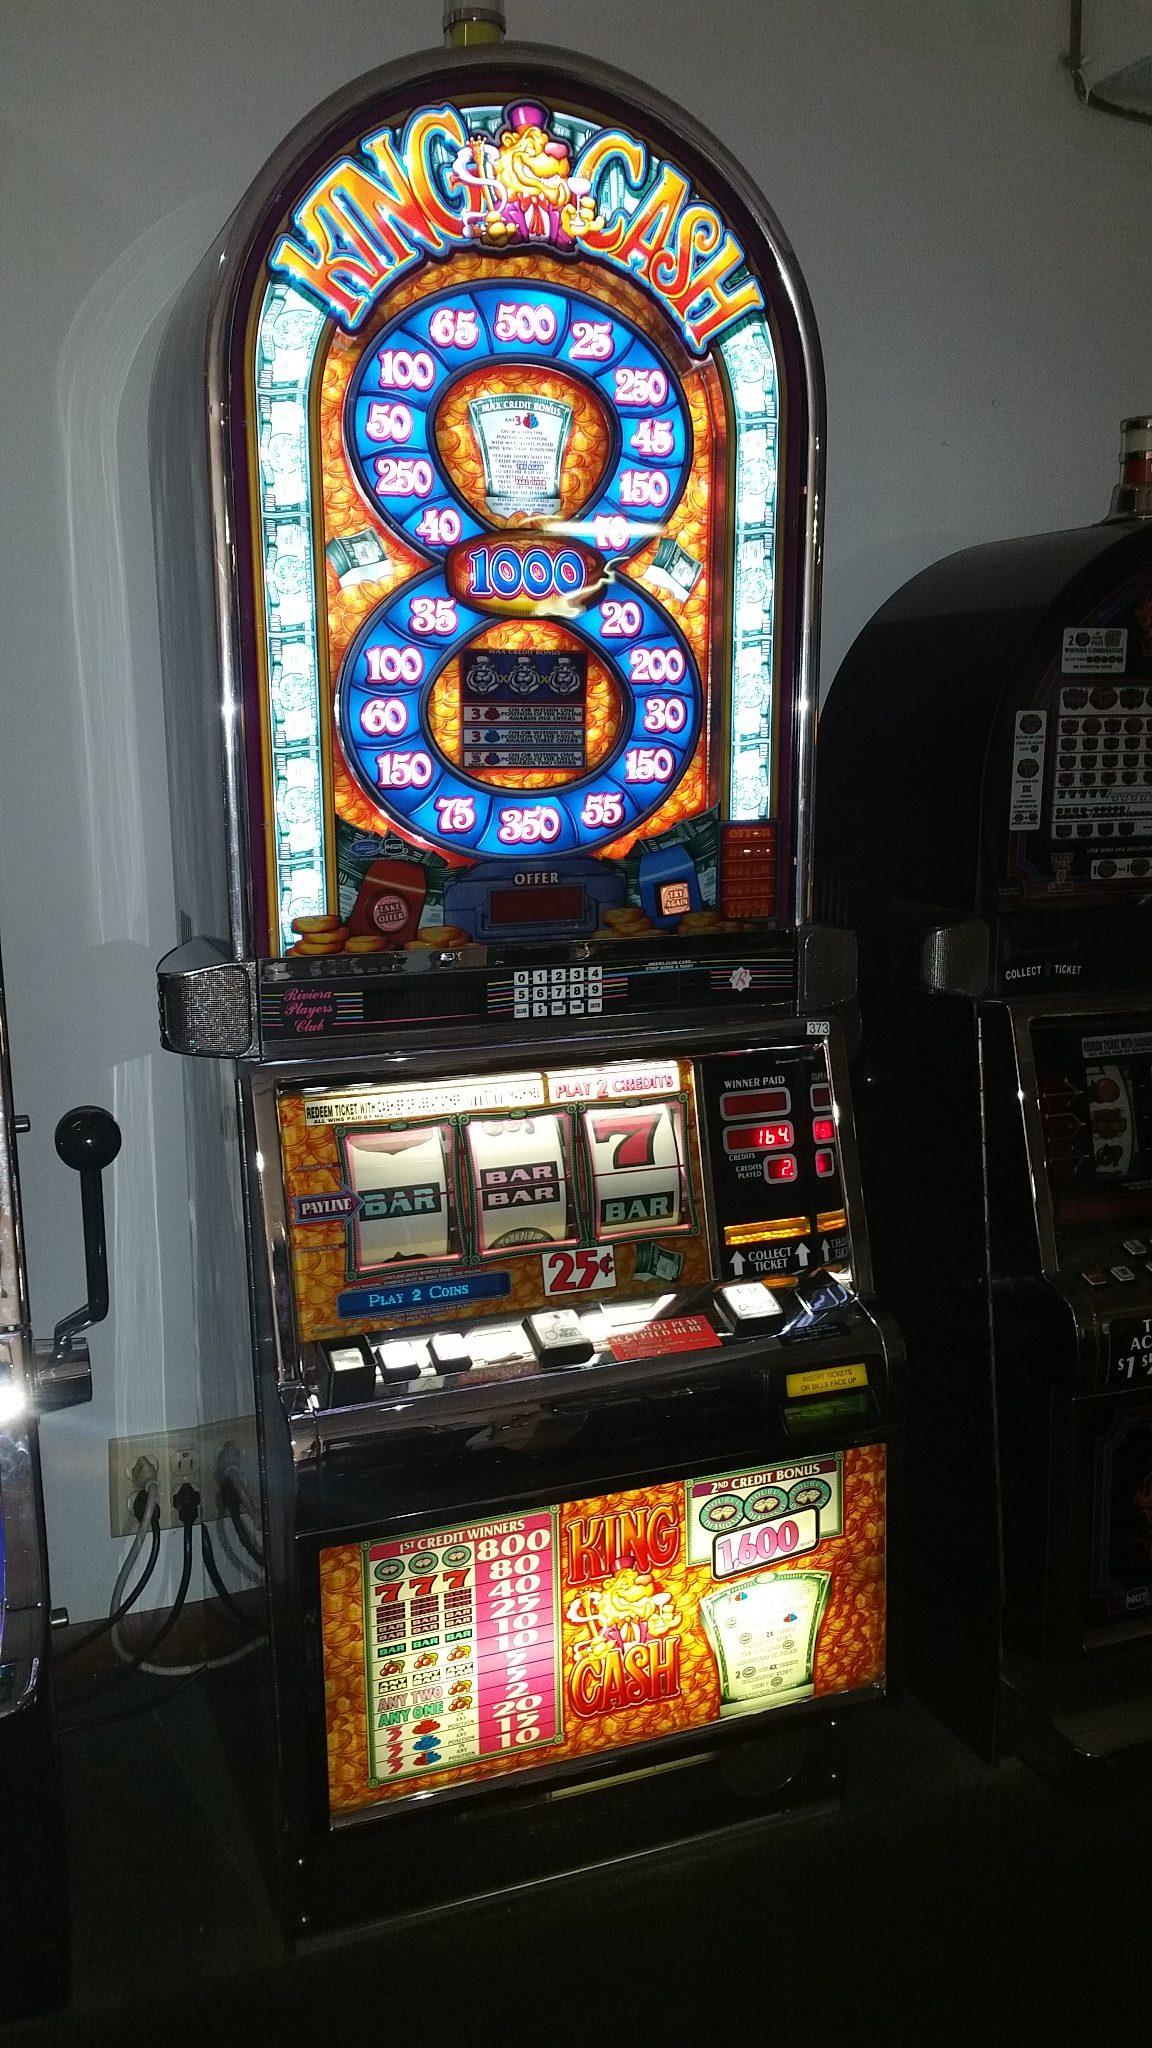 Reel king slot machine for sale red velvet russian roulette sbs gayo daejun